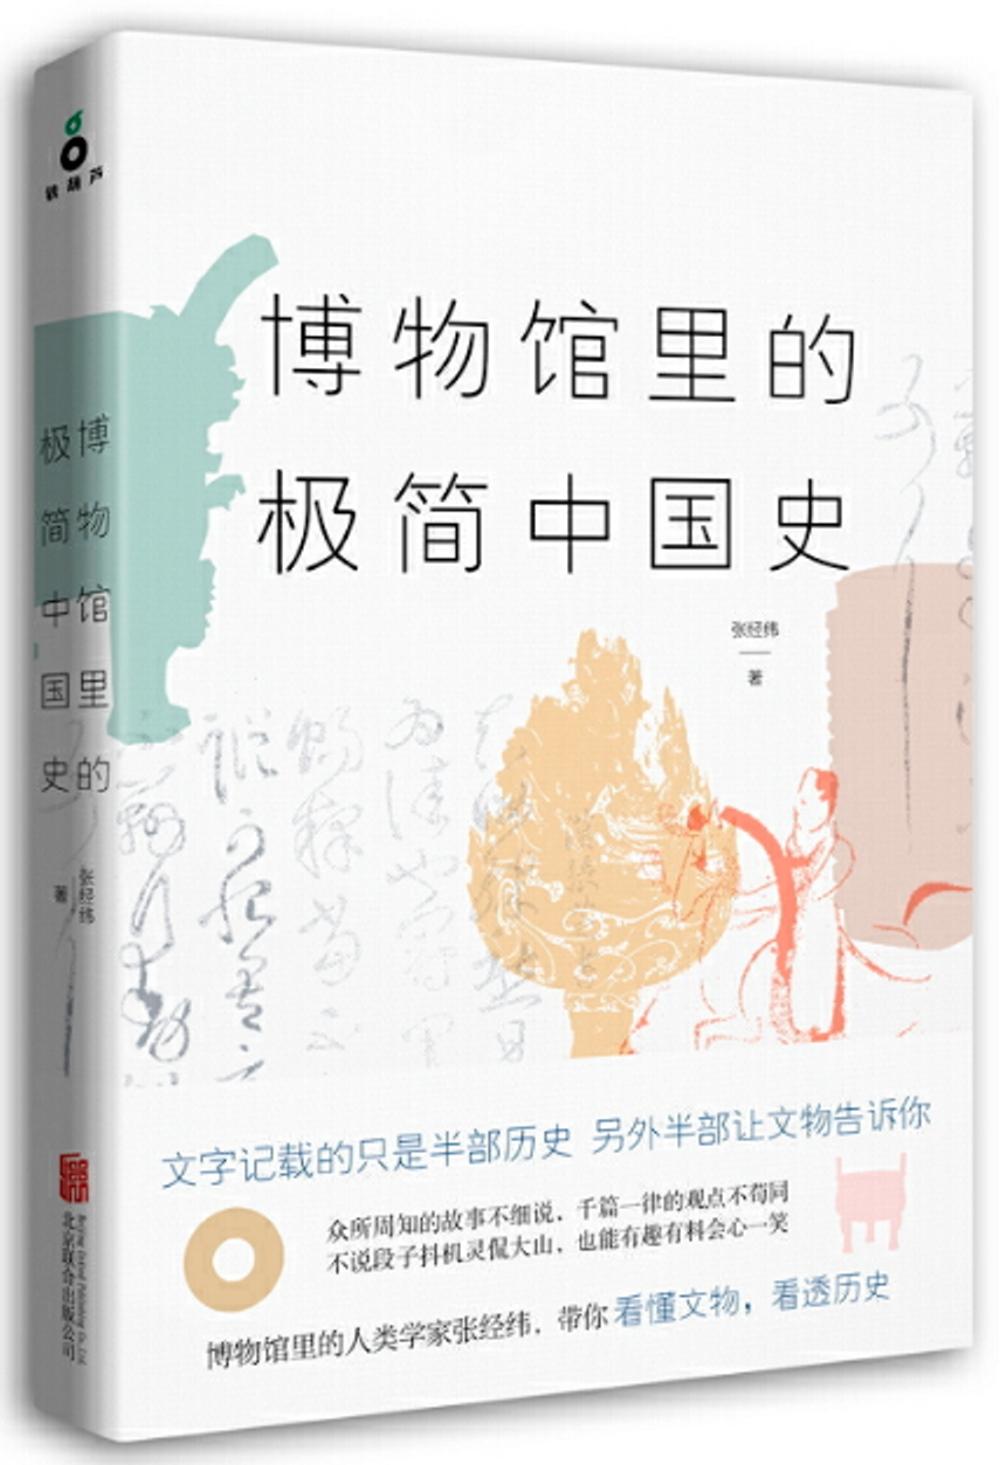 博物館里的極簡中國史